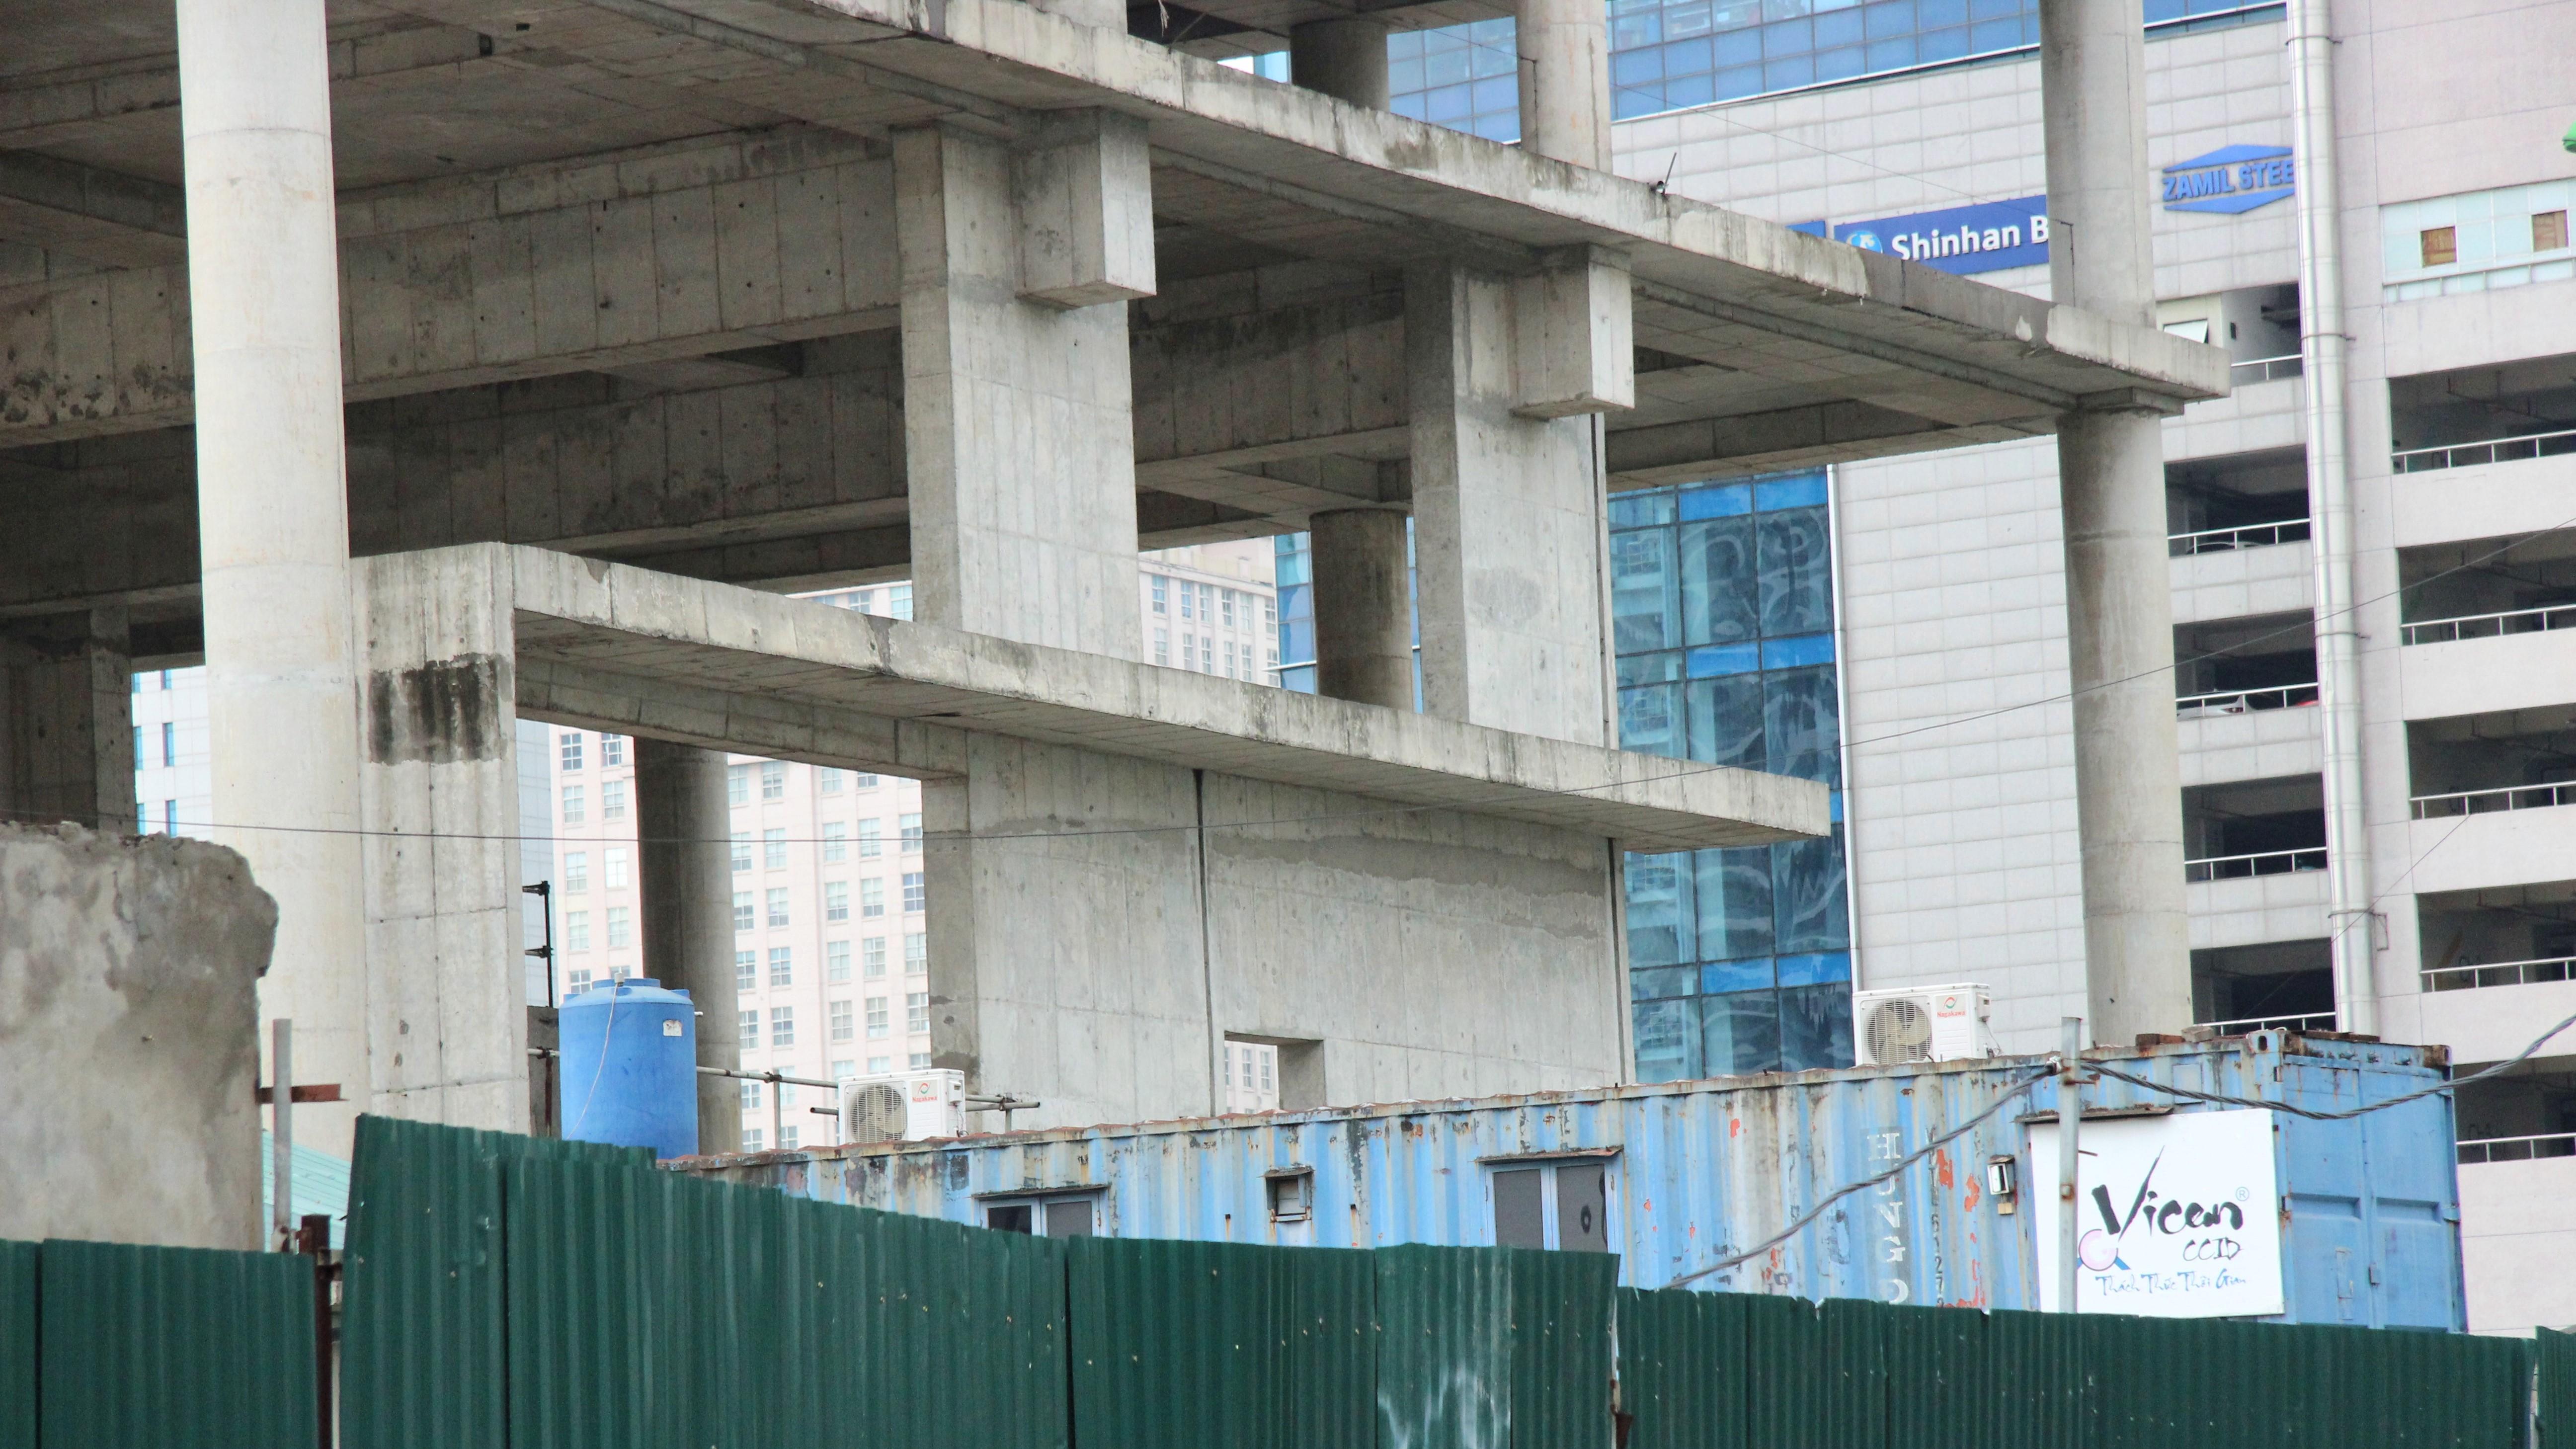 Cận cảnh hai dự án chậm triển khai của VICEM ở Hà Nội - Ảnh 8.